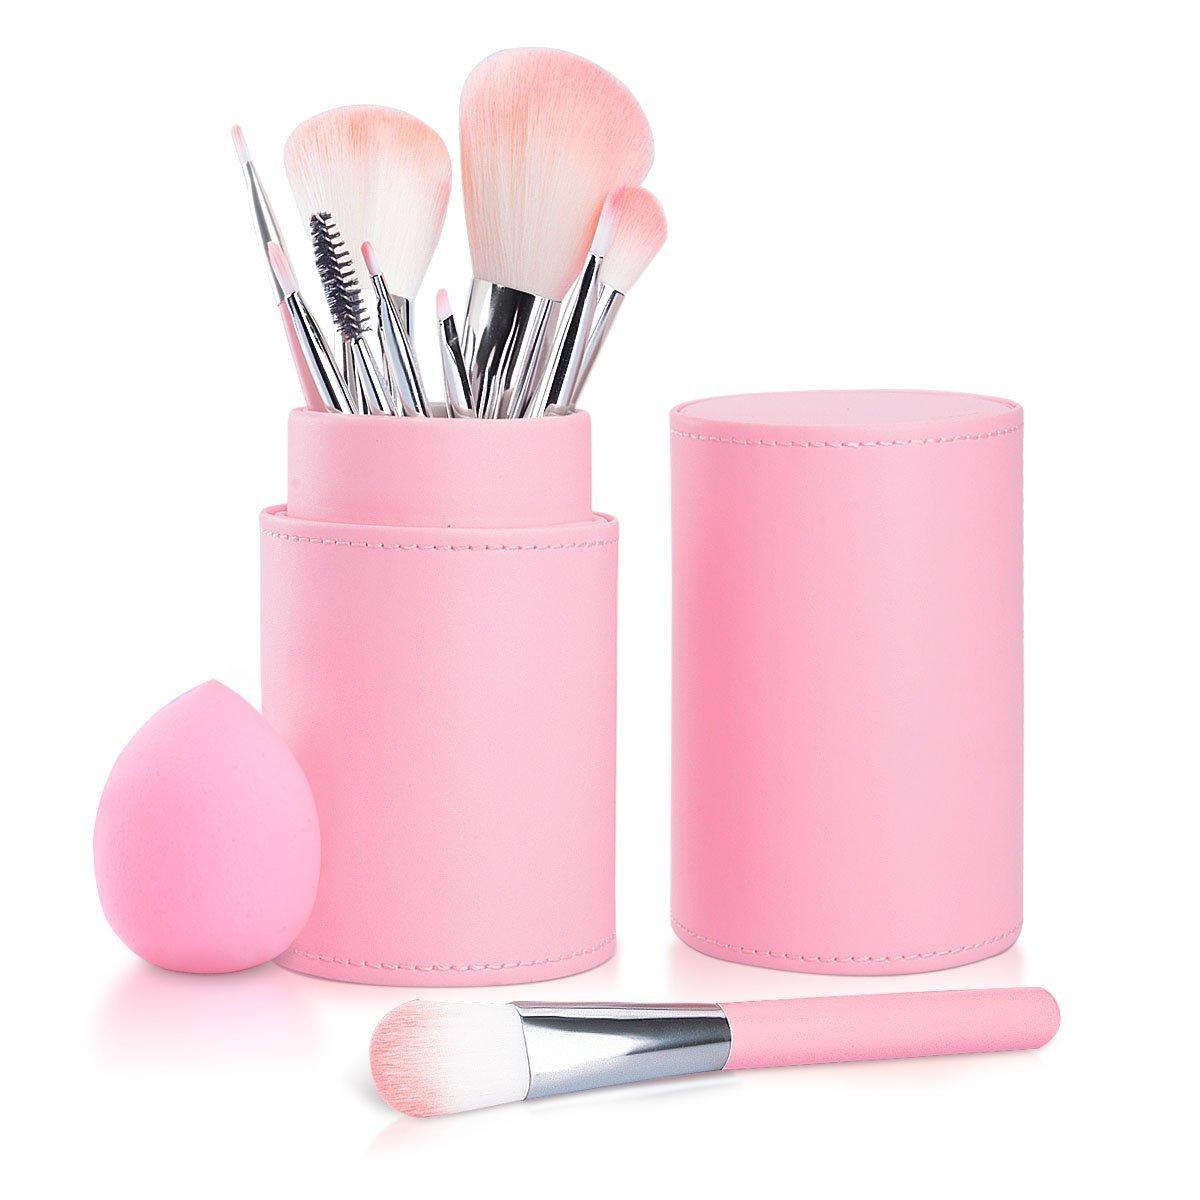 Set Brochas de Maquillaje 10pcs, Fypo Pinceles Cepillos Profesional Cosméticos de Manijas de Madera con una Esponja Maquillaje y una Bolsa de Cuero Rosa SAOYH SAOYH01-C0072